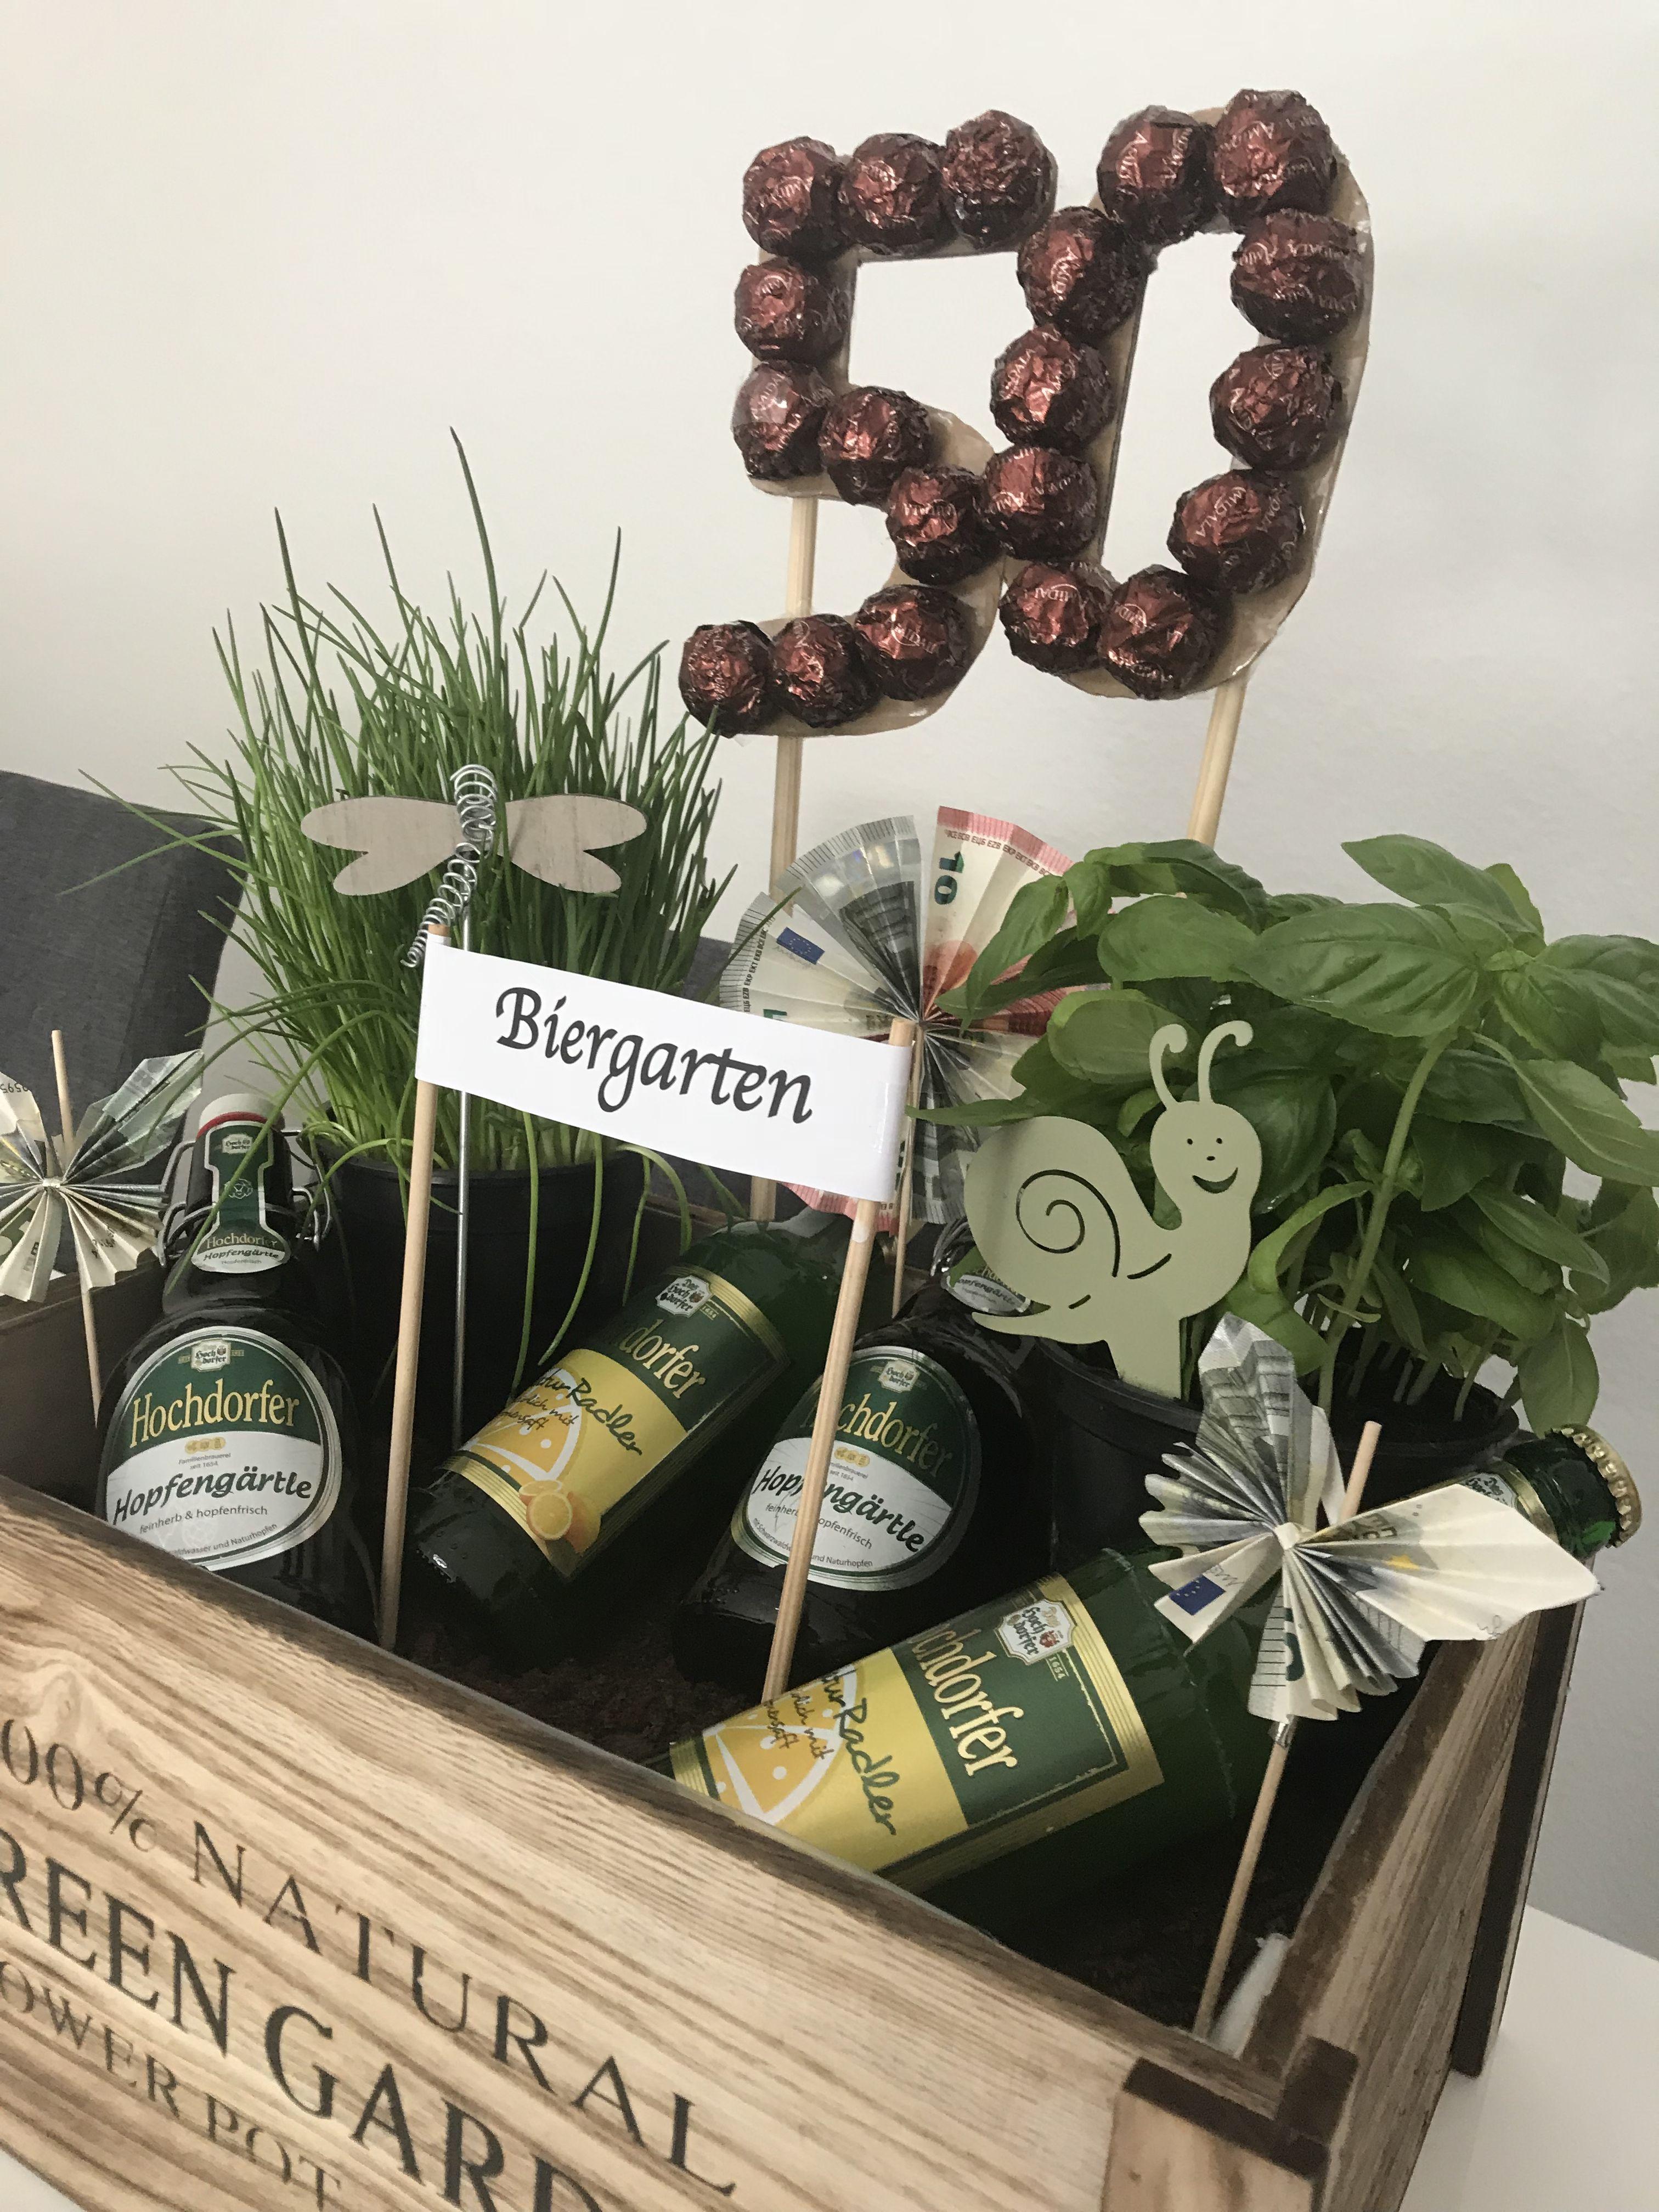 DIY Biergarten zum 50. Geburtstag eines Freundes - relativ einfach gestaltet ##kreativerbiergarten hochdorfernaturradler #biergarten #diybiergarten #geschenkefürmännergeburtstag